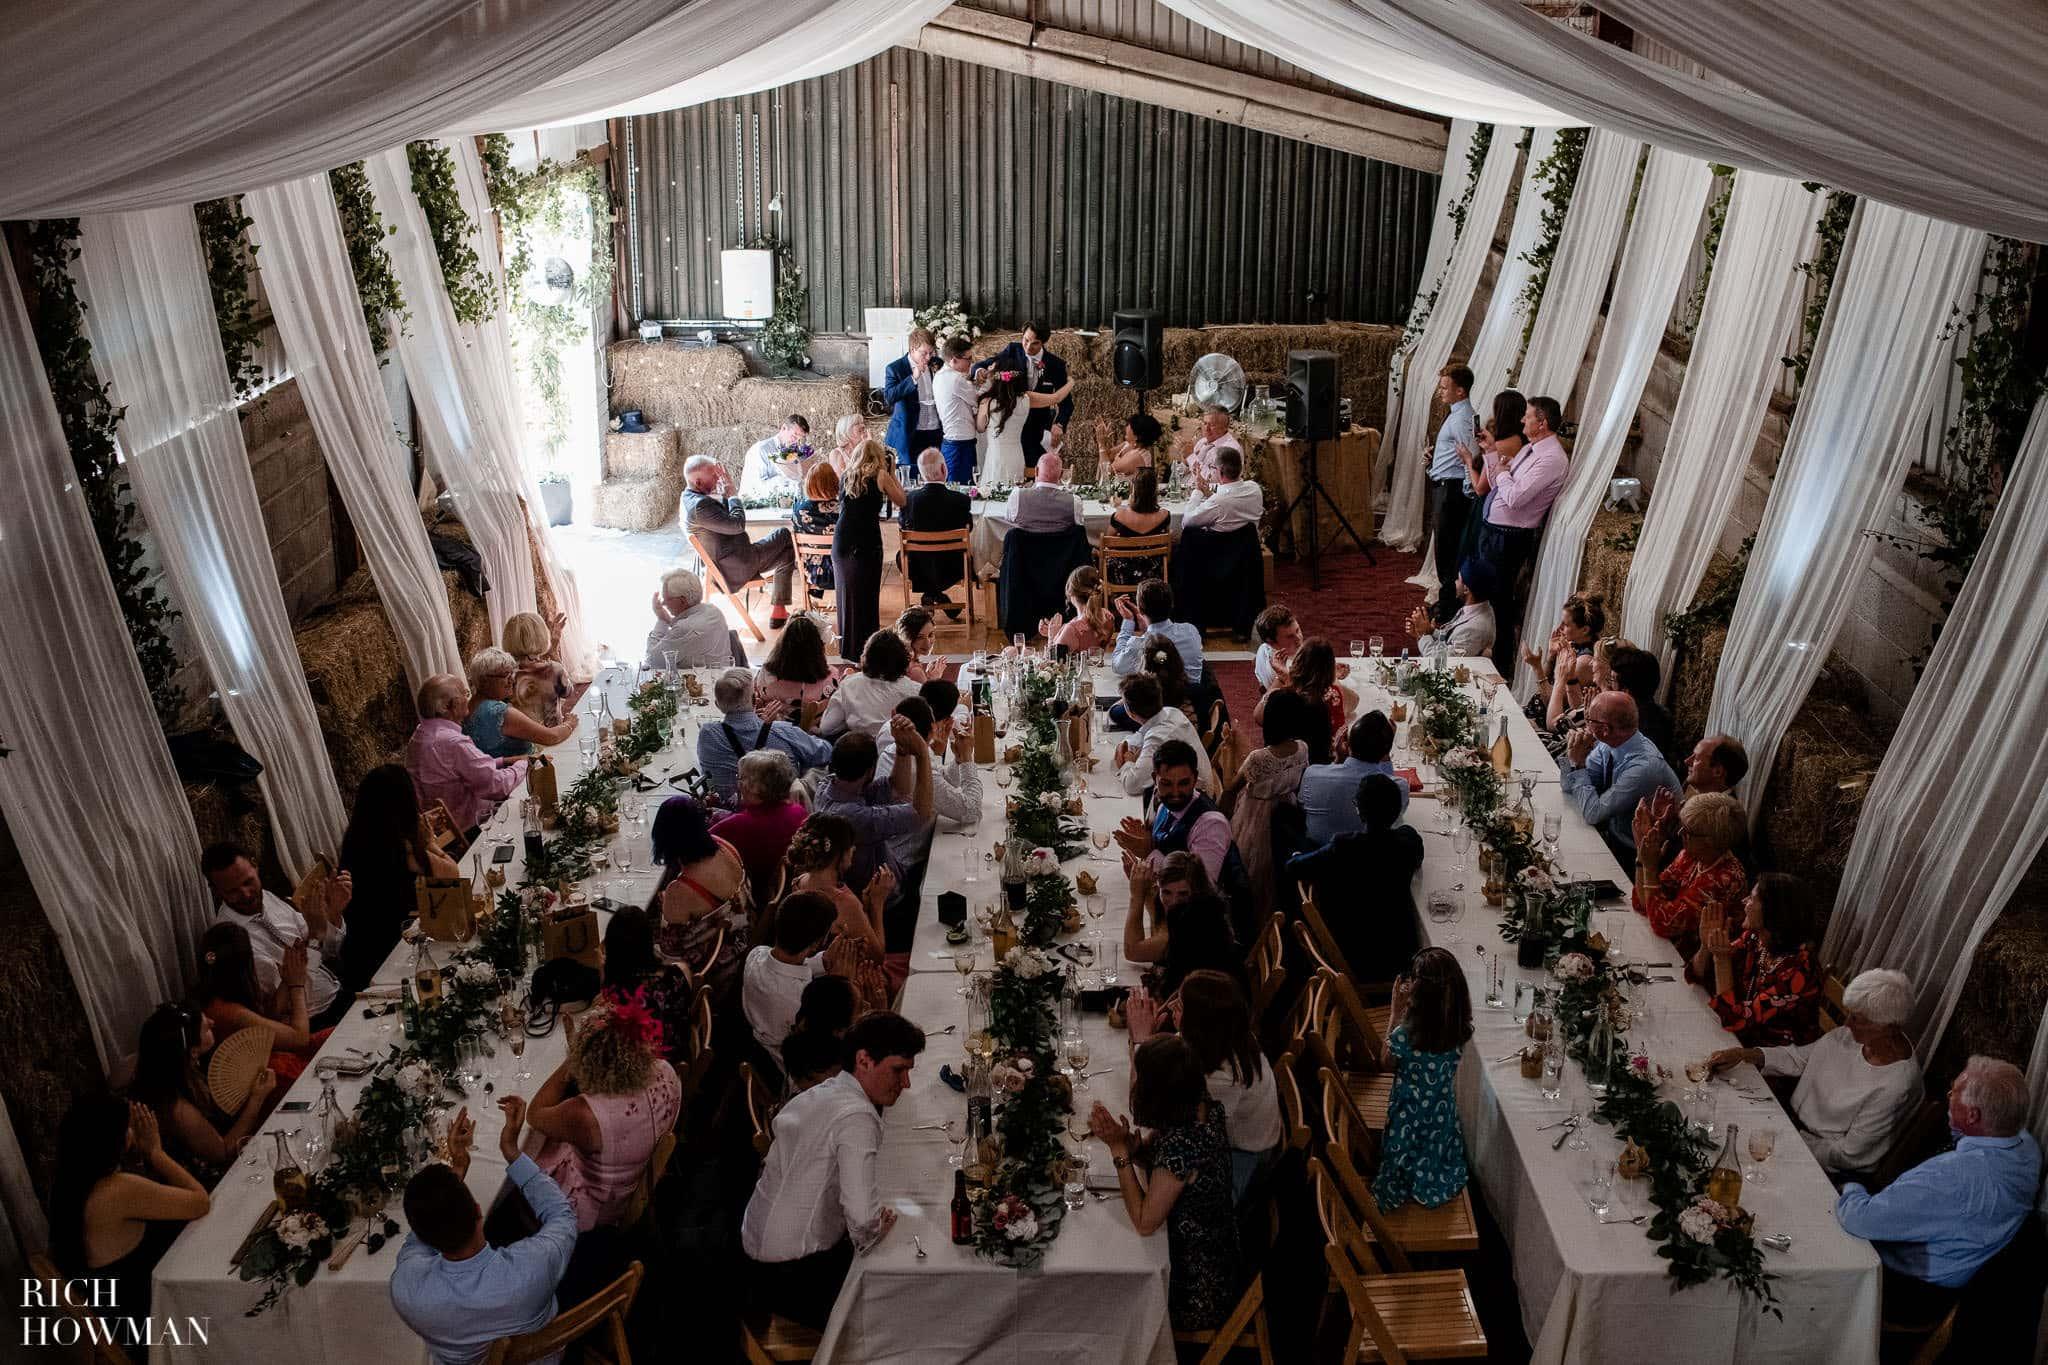 Bath Guildhall Wedding | Gloucestershire Farm Reception 137